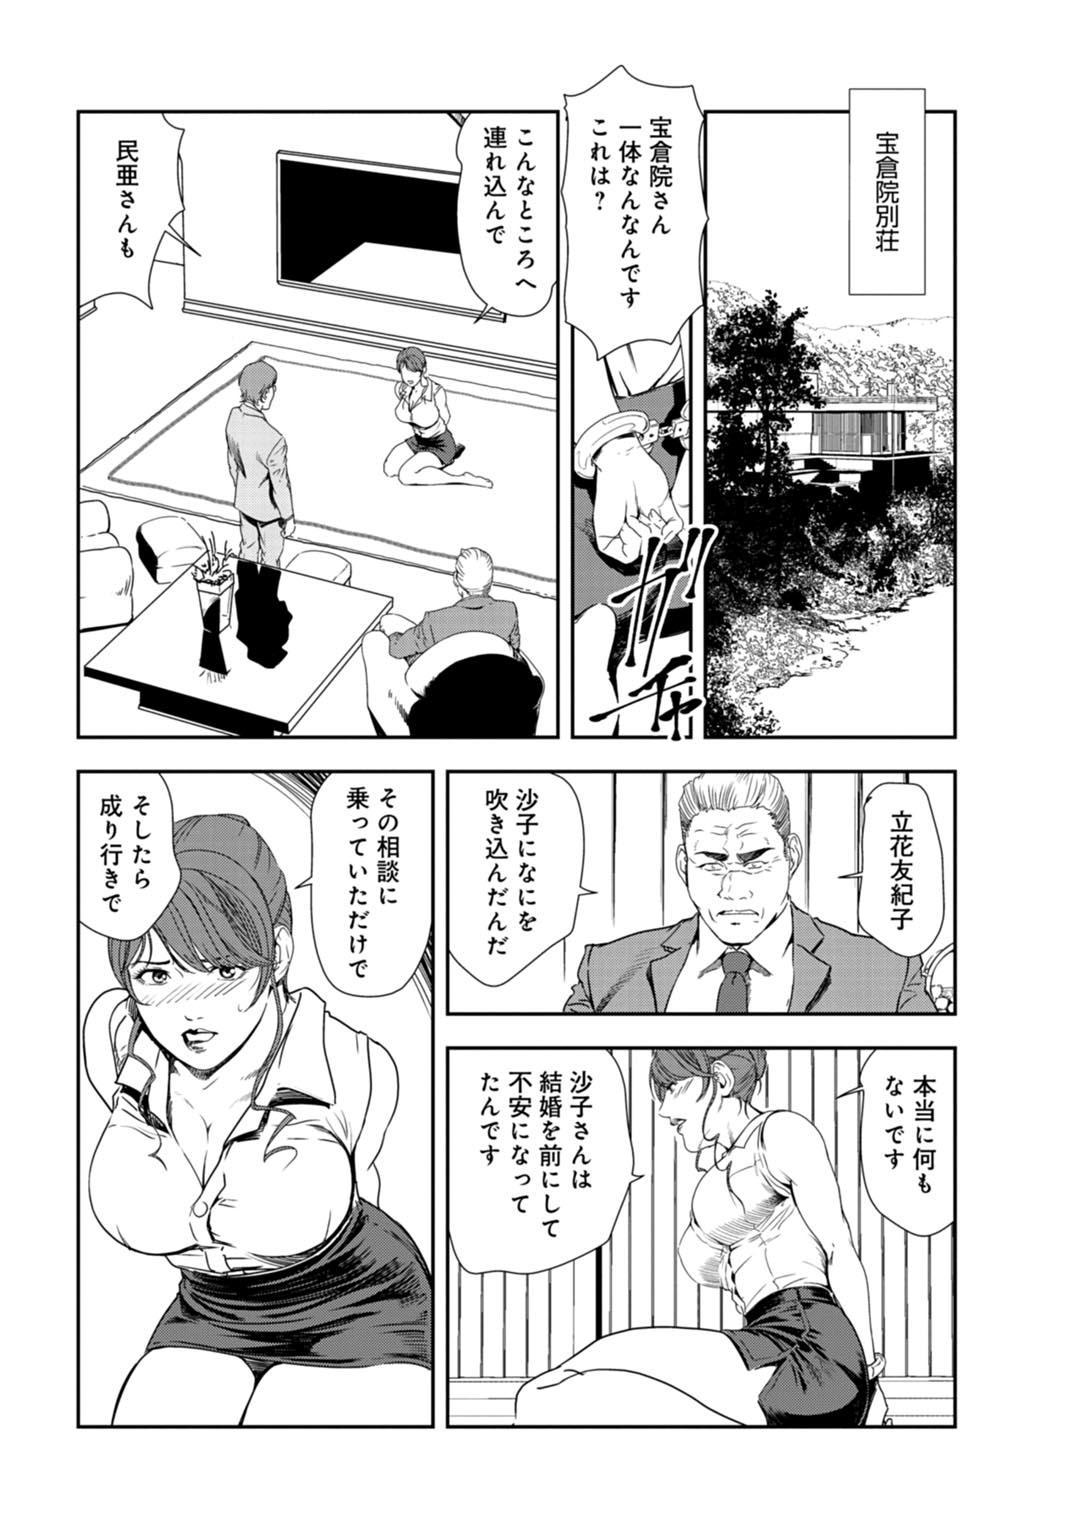 Nikuhisyo Yukiko 26 80